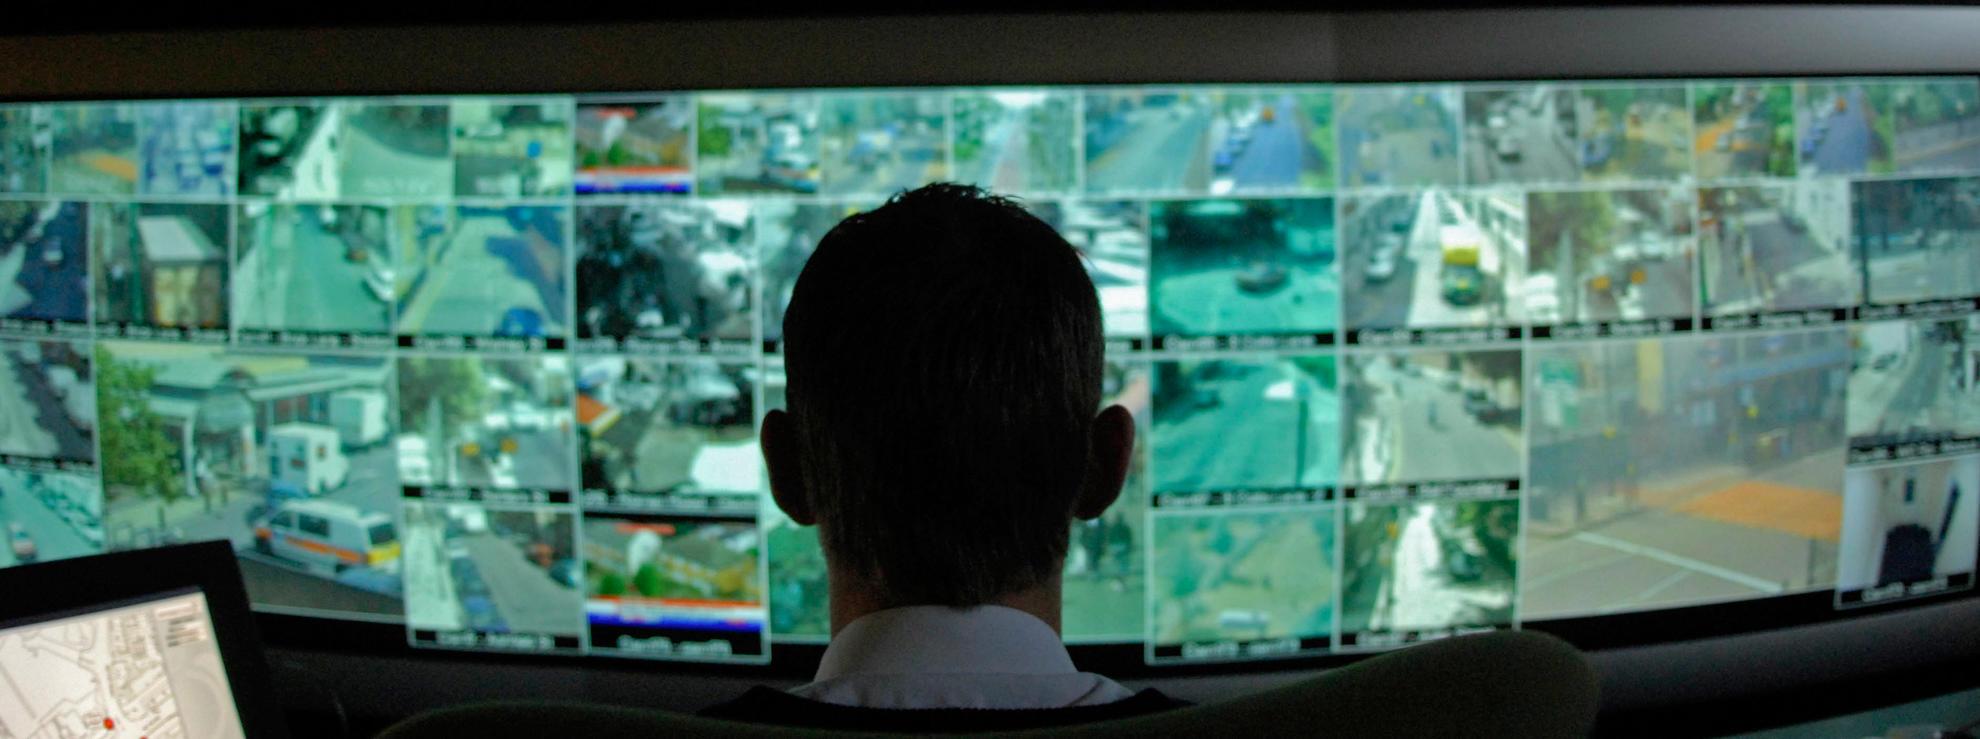 Башкирия попала в число лидеров по применению технологий слежки за гражданами